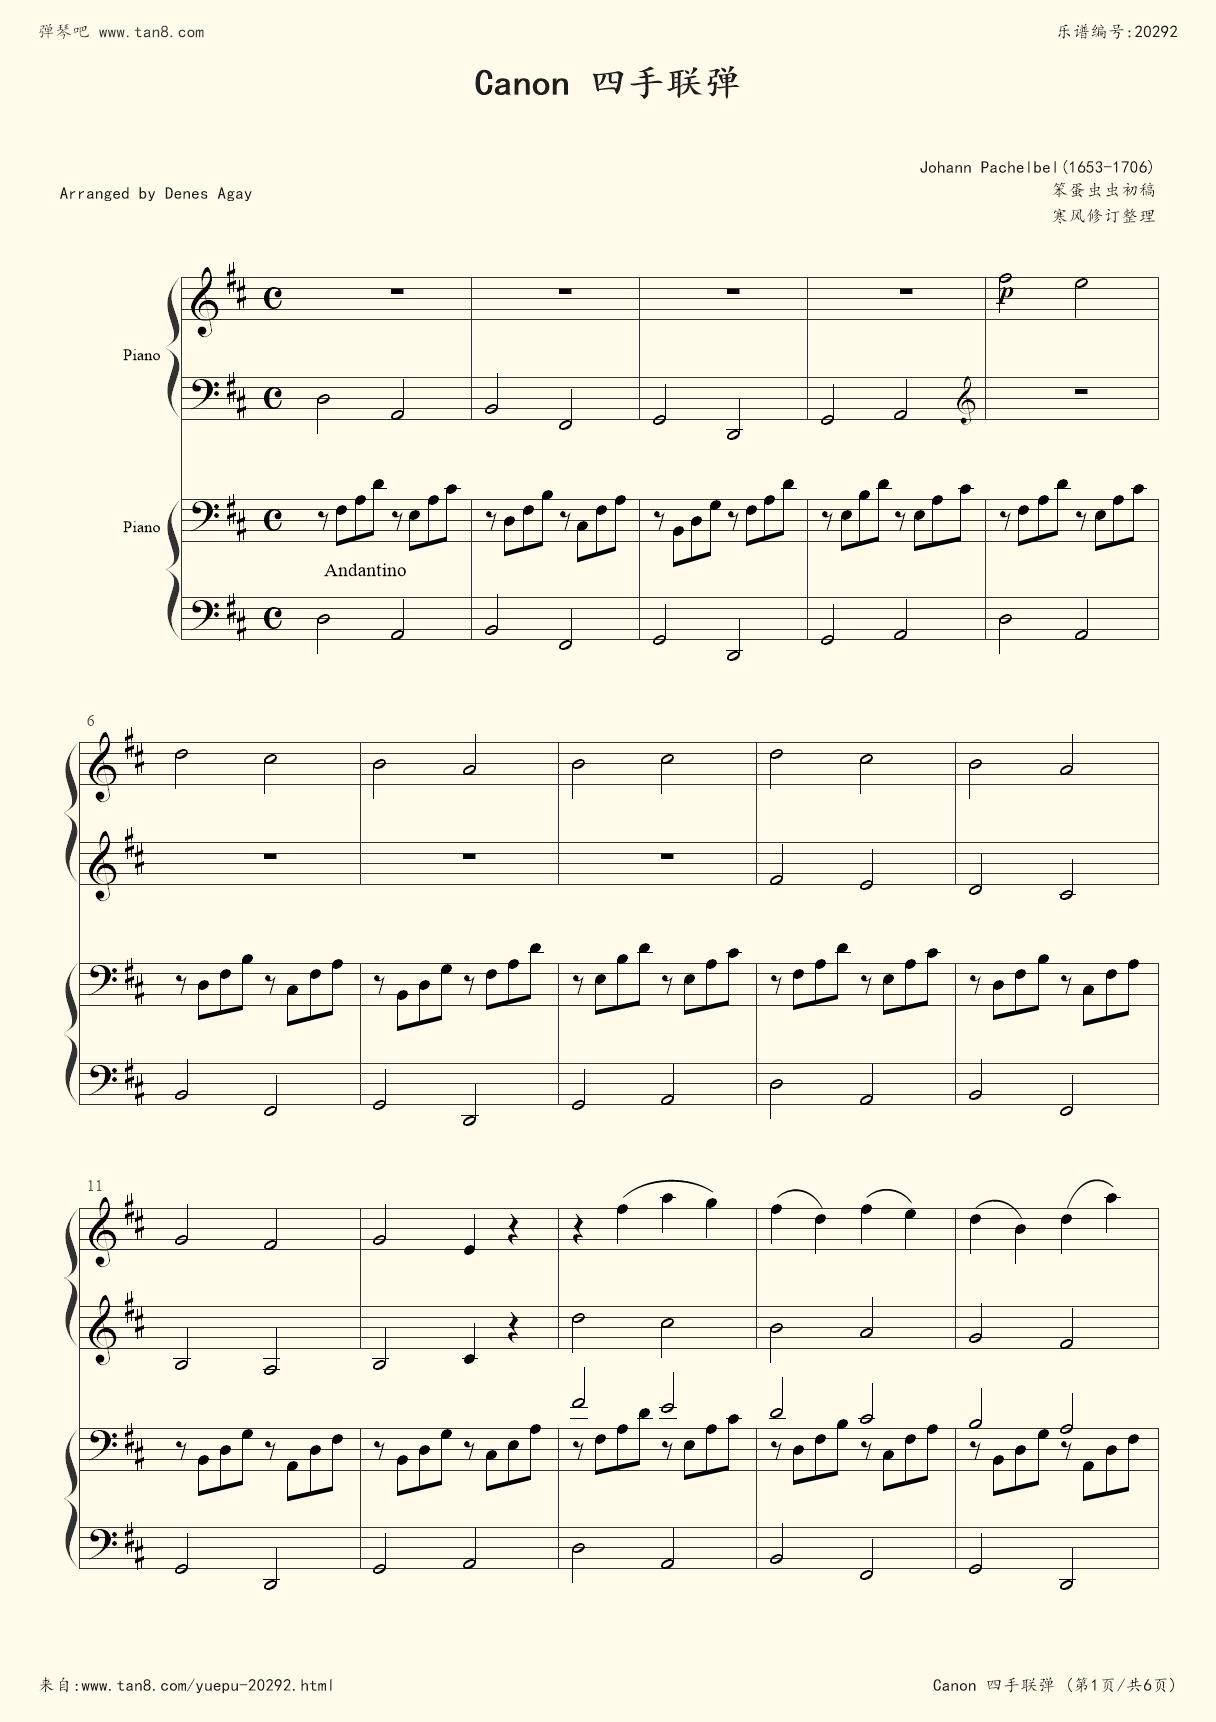 卡农三重奏谱子